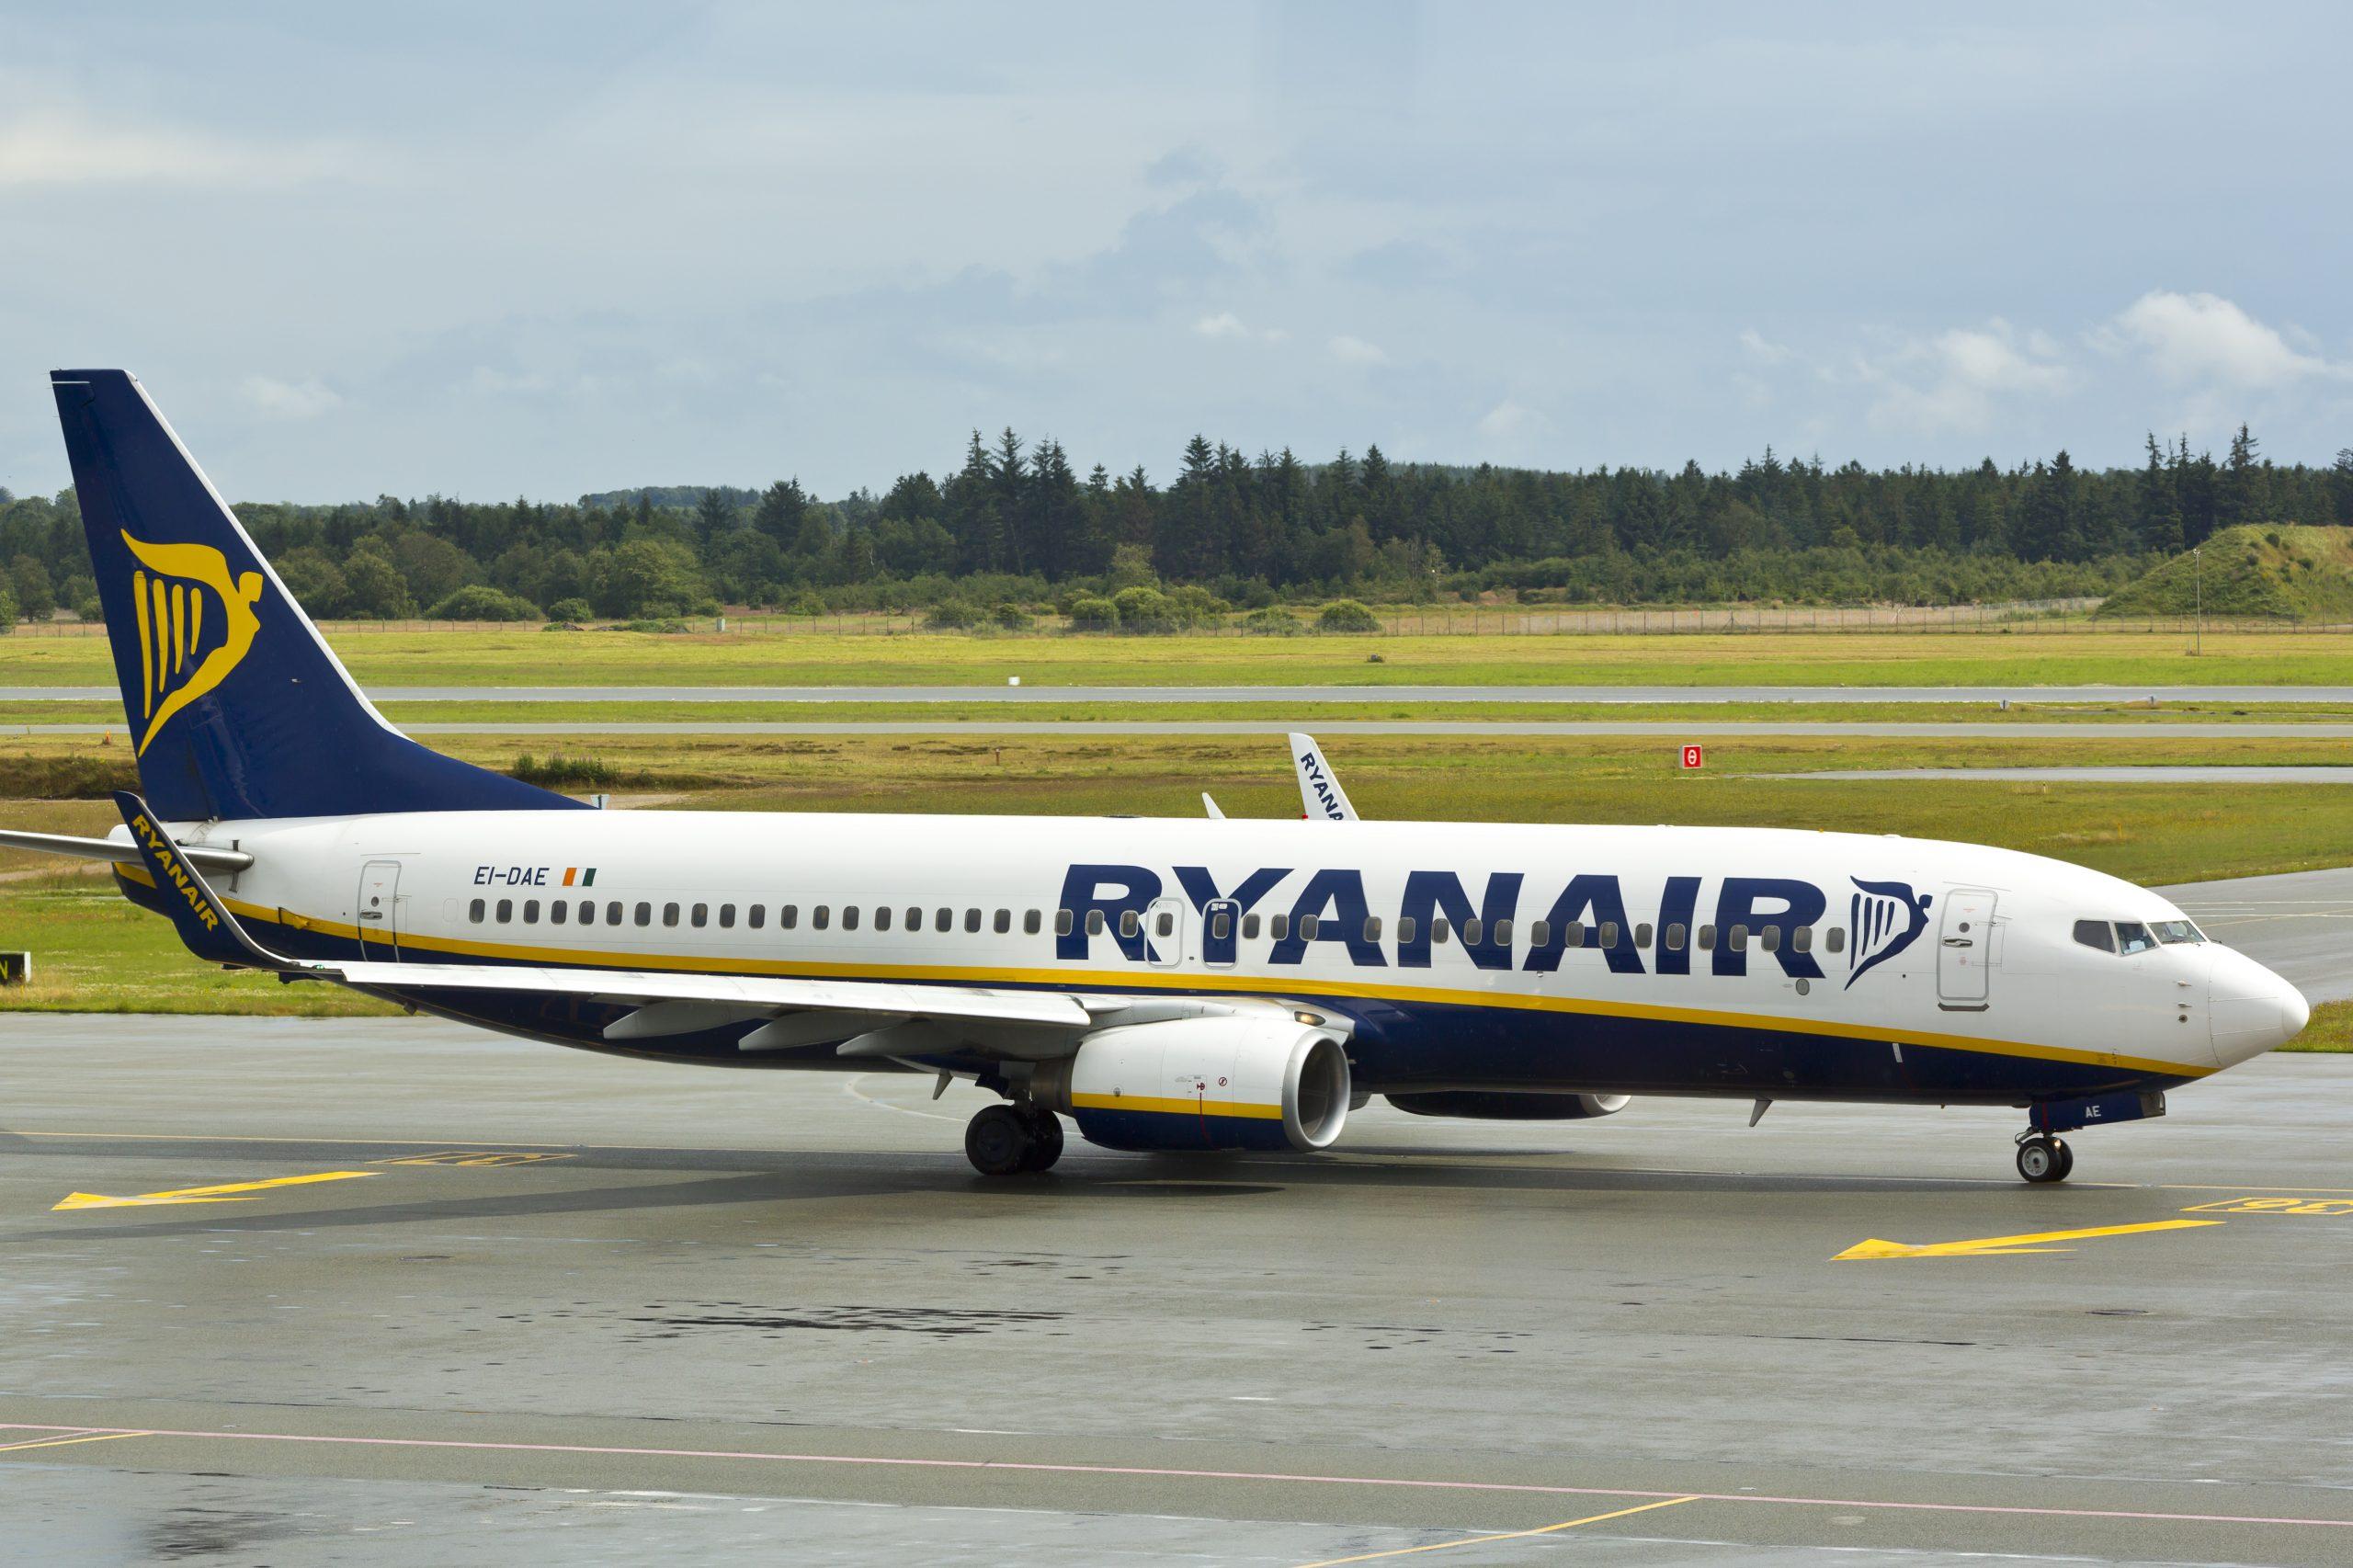 Boeing 737-800 fra Ryanair i Billund Lufthavn. (Foto: © Thorbjørn Brunander Sund   Danish Aviation Photo)